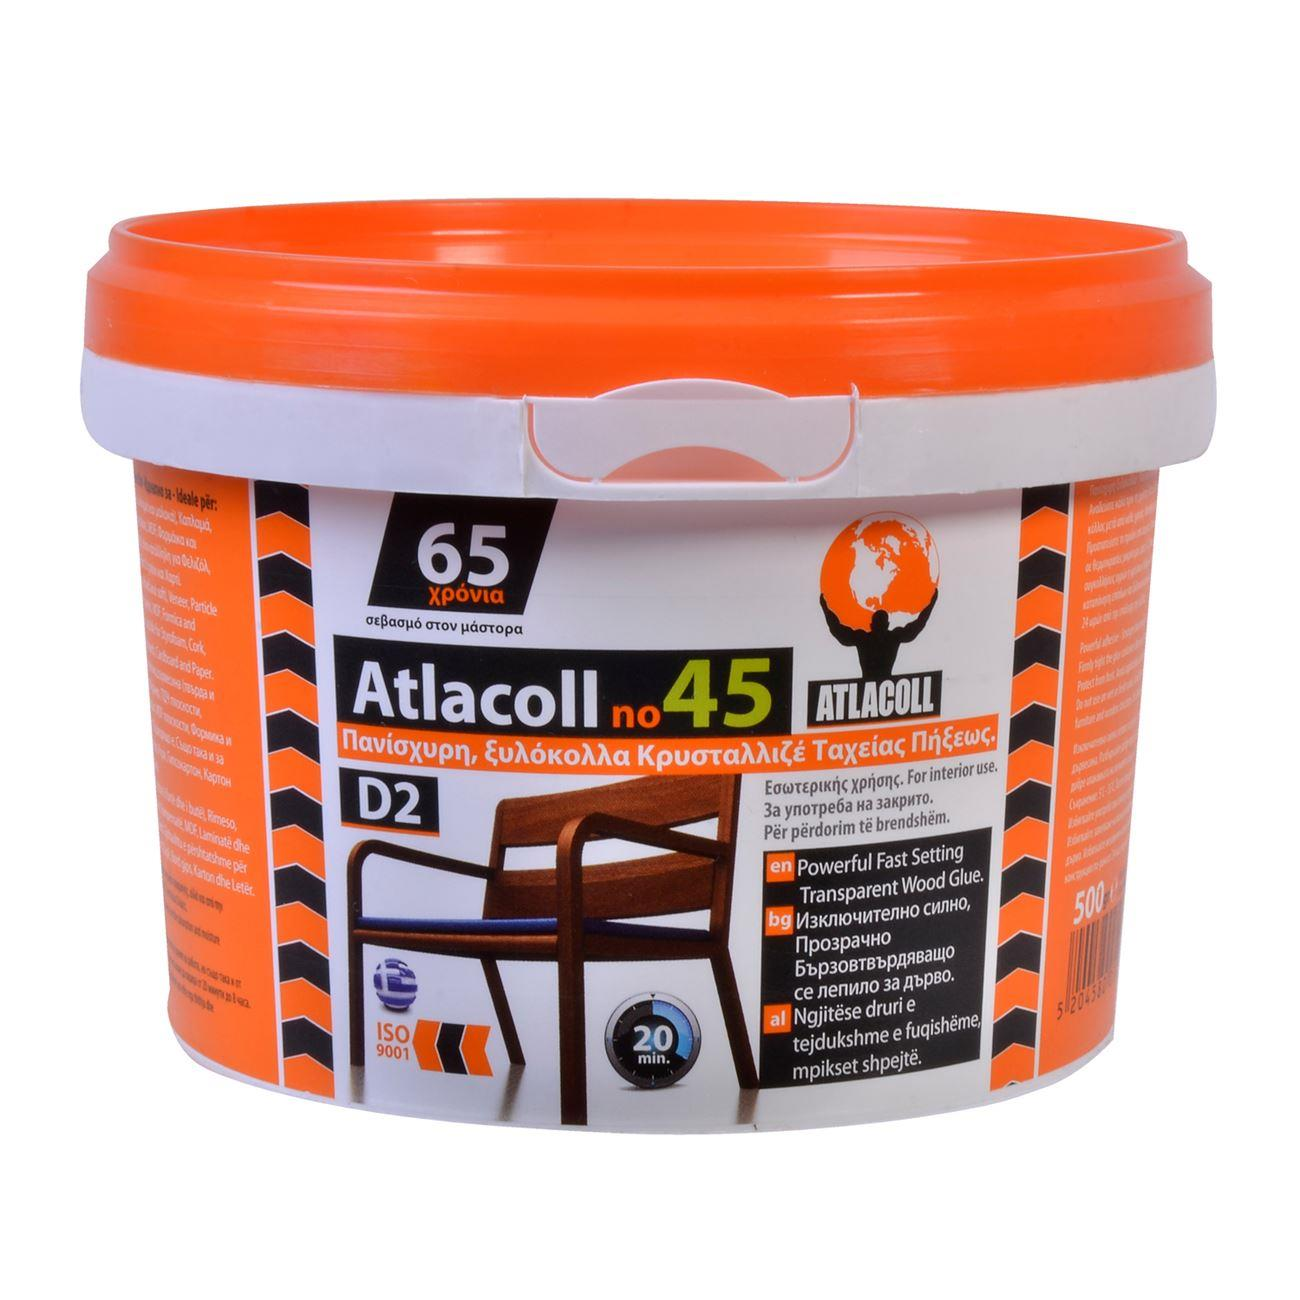 Κόλλα Ατλακόλ κρυσταλλιζέ Νο45 500 gr γενικής χρήσεως